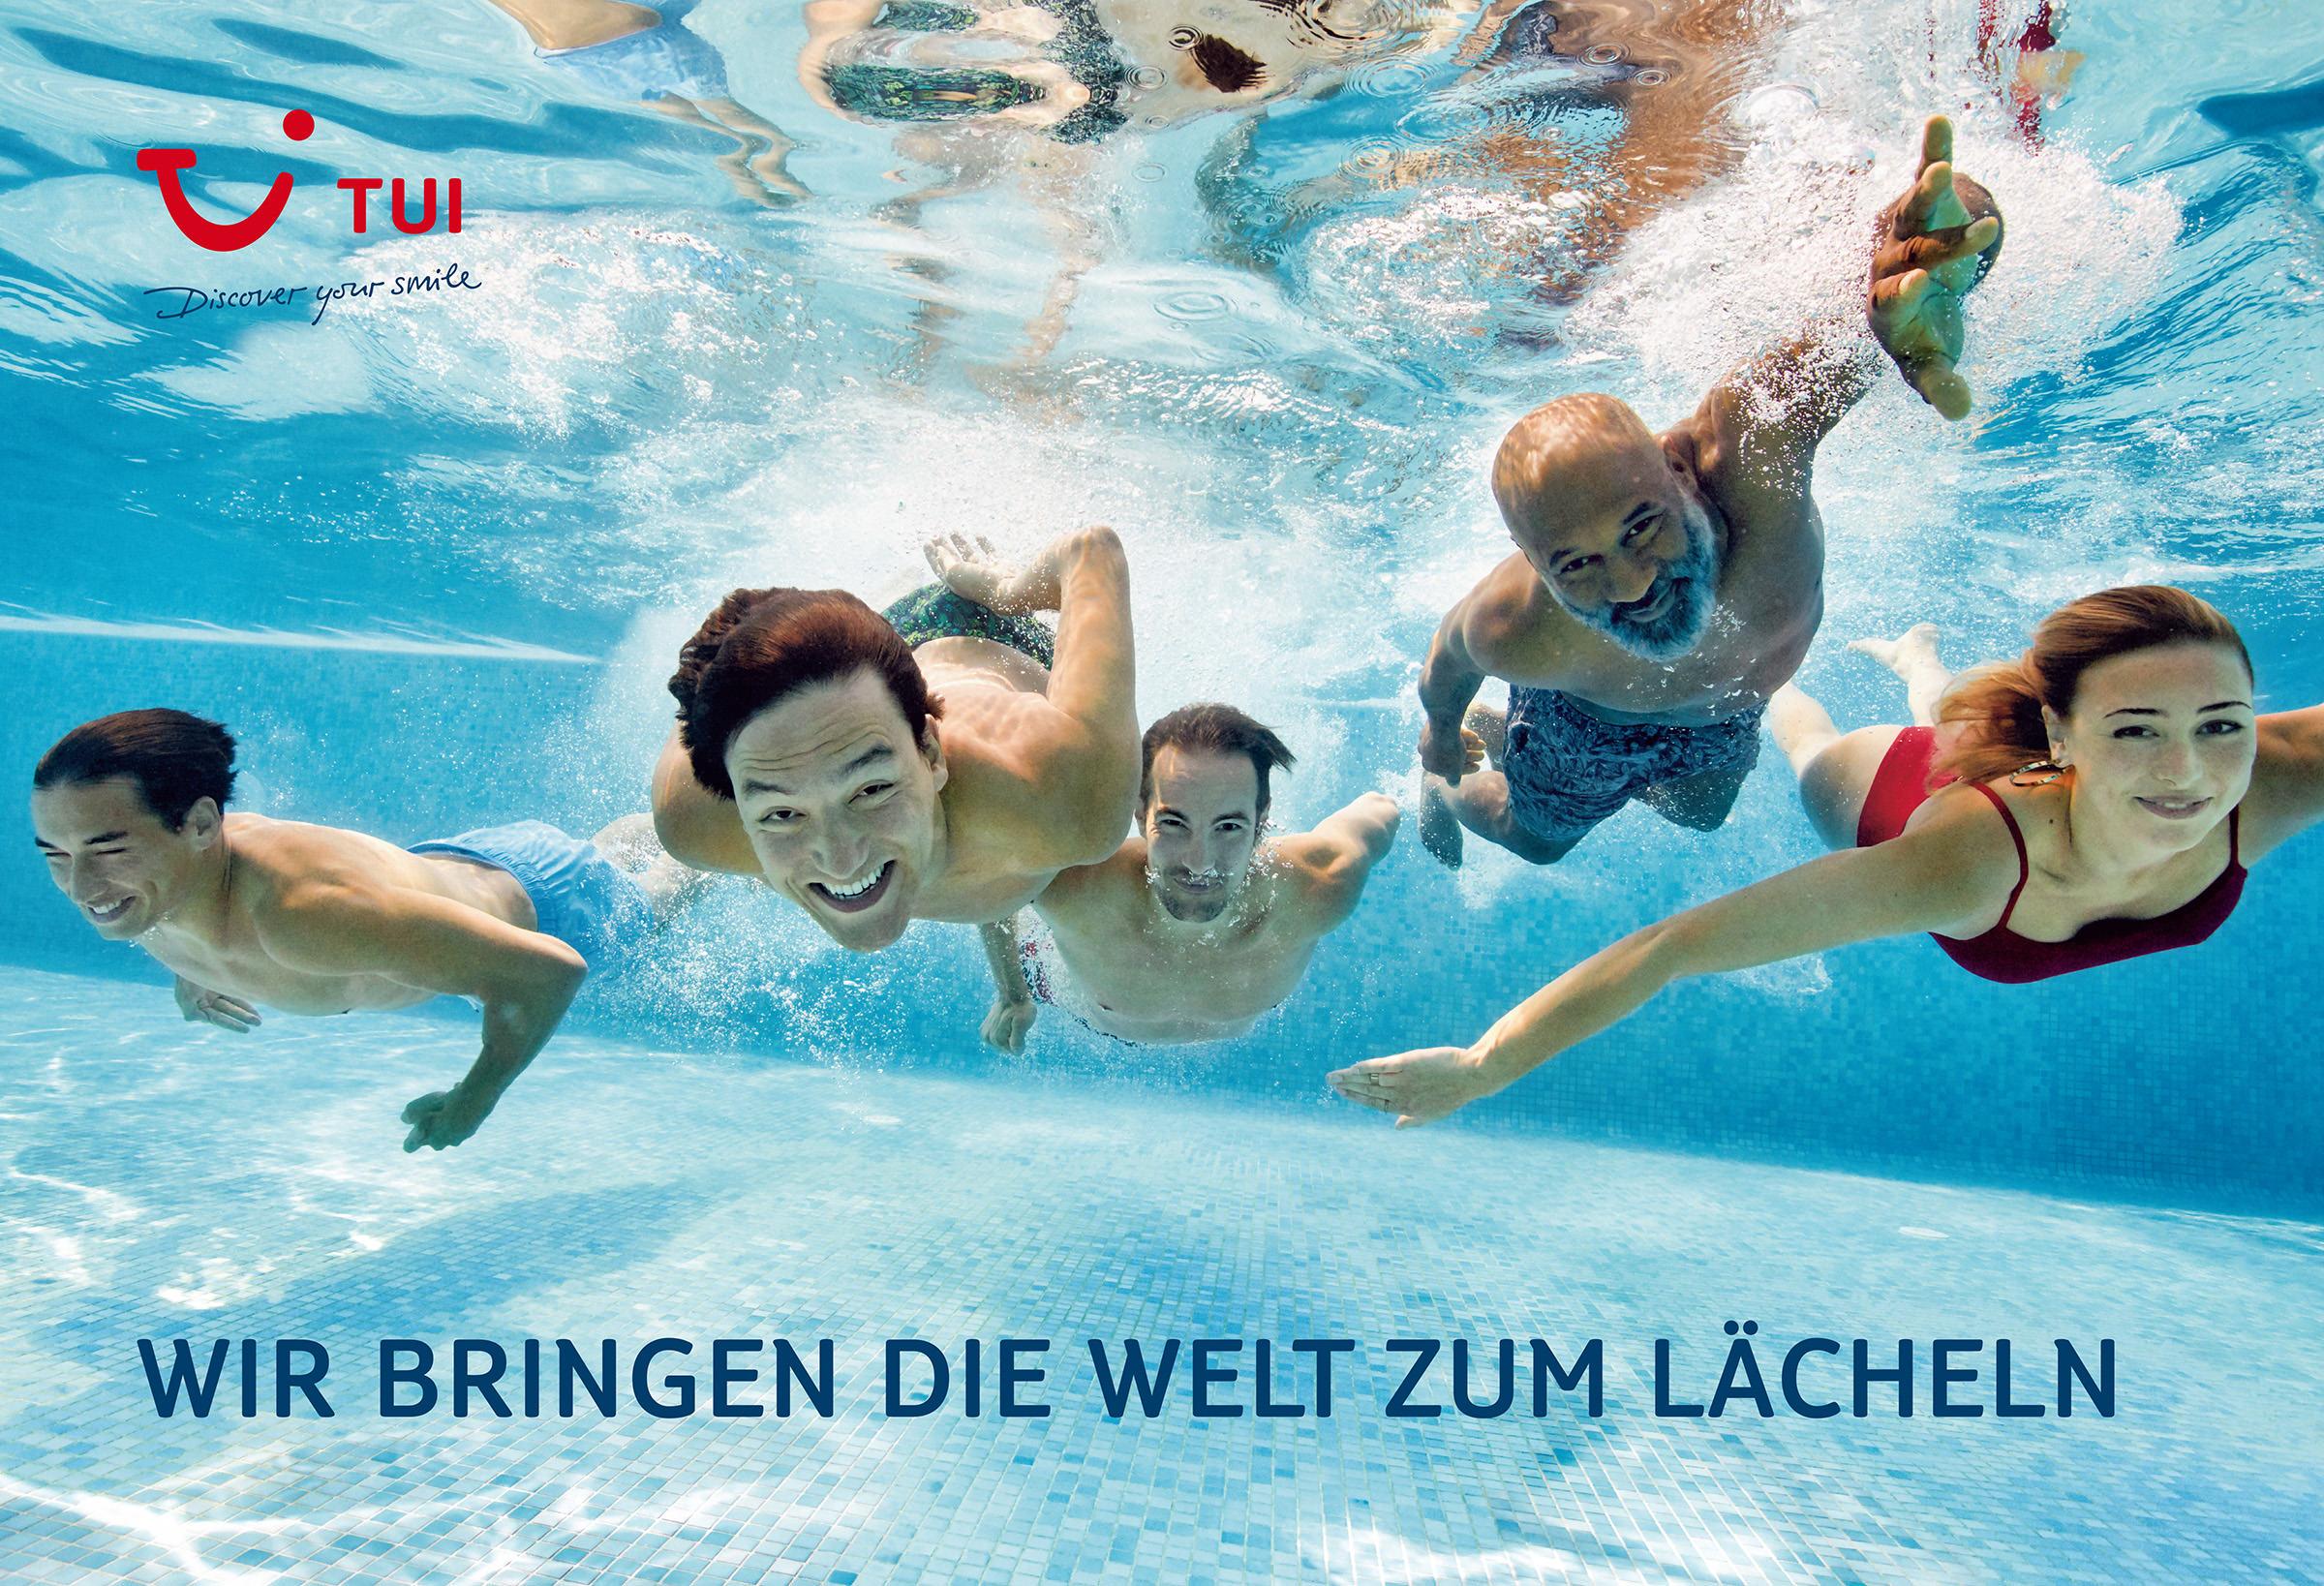 TUI_Grossflaeche_Wasser_425x290cm_LOW.jpg